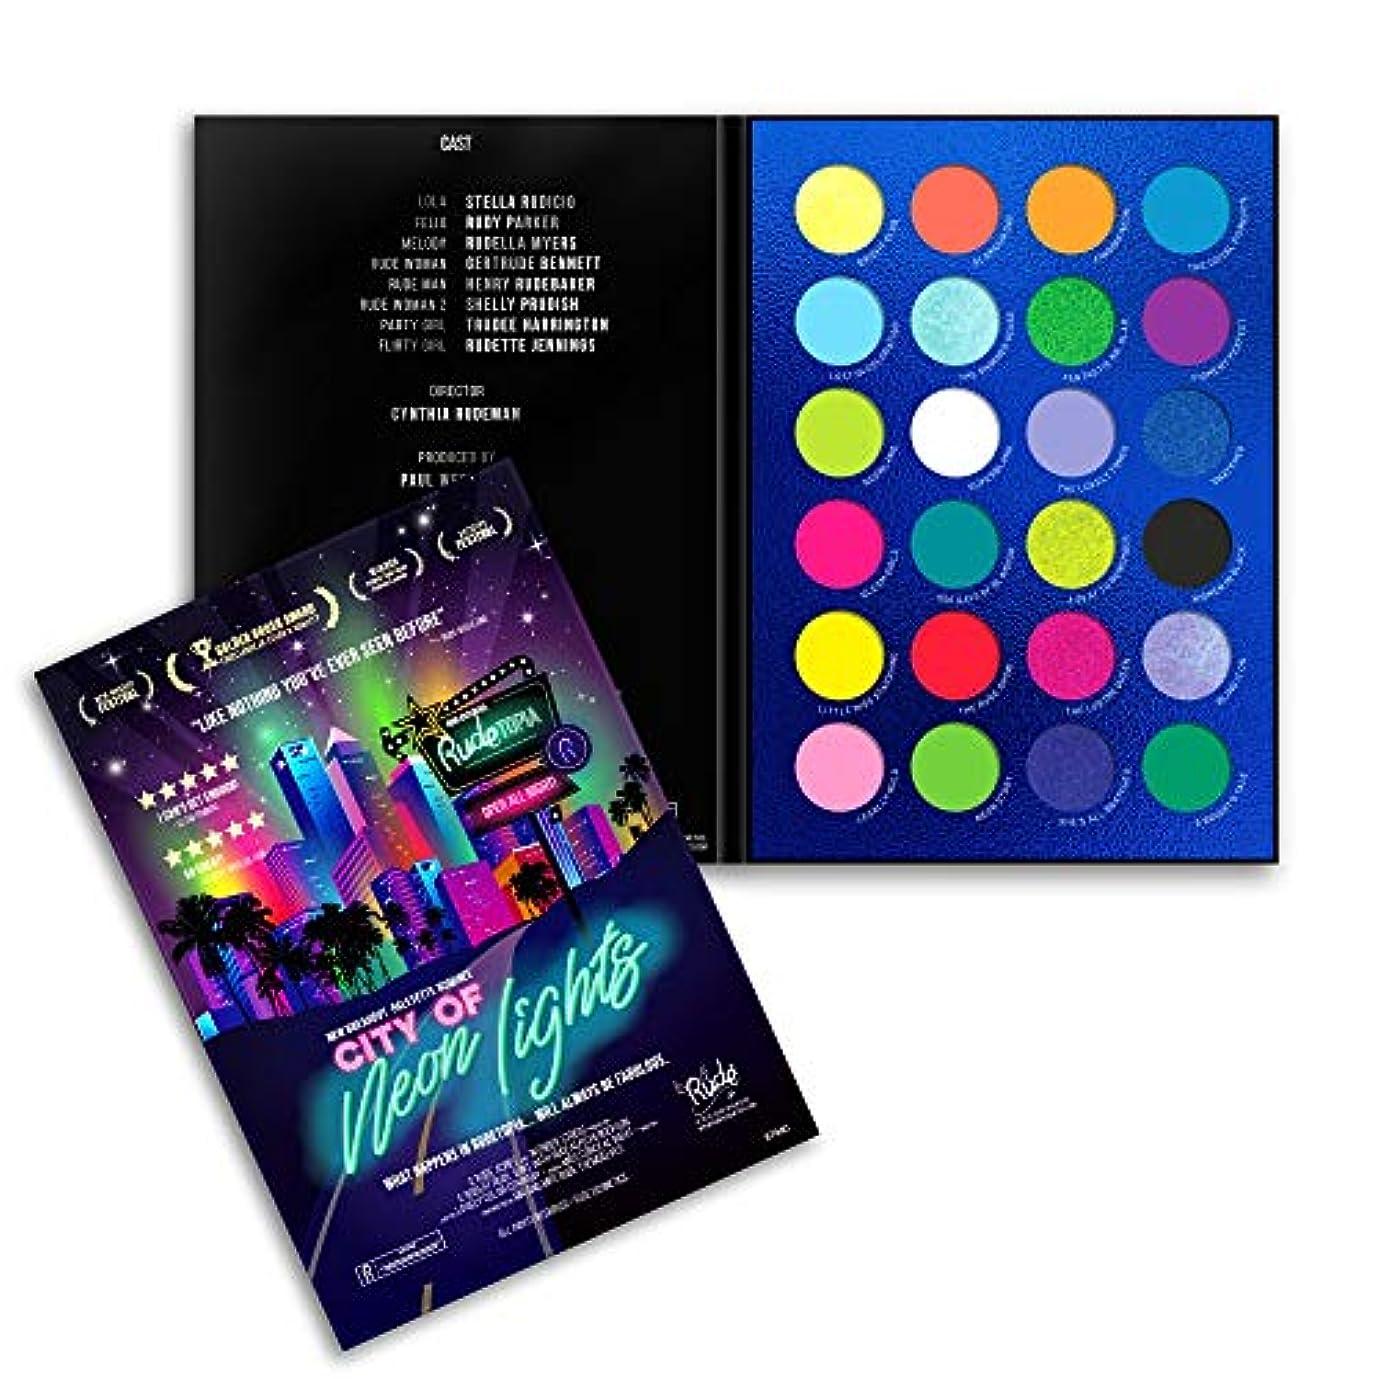 商業の硬さデイジーRUDE City of Neon Lights - 24 Vibrant Pigment & Eyeshadow Palette (並行輸入品)